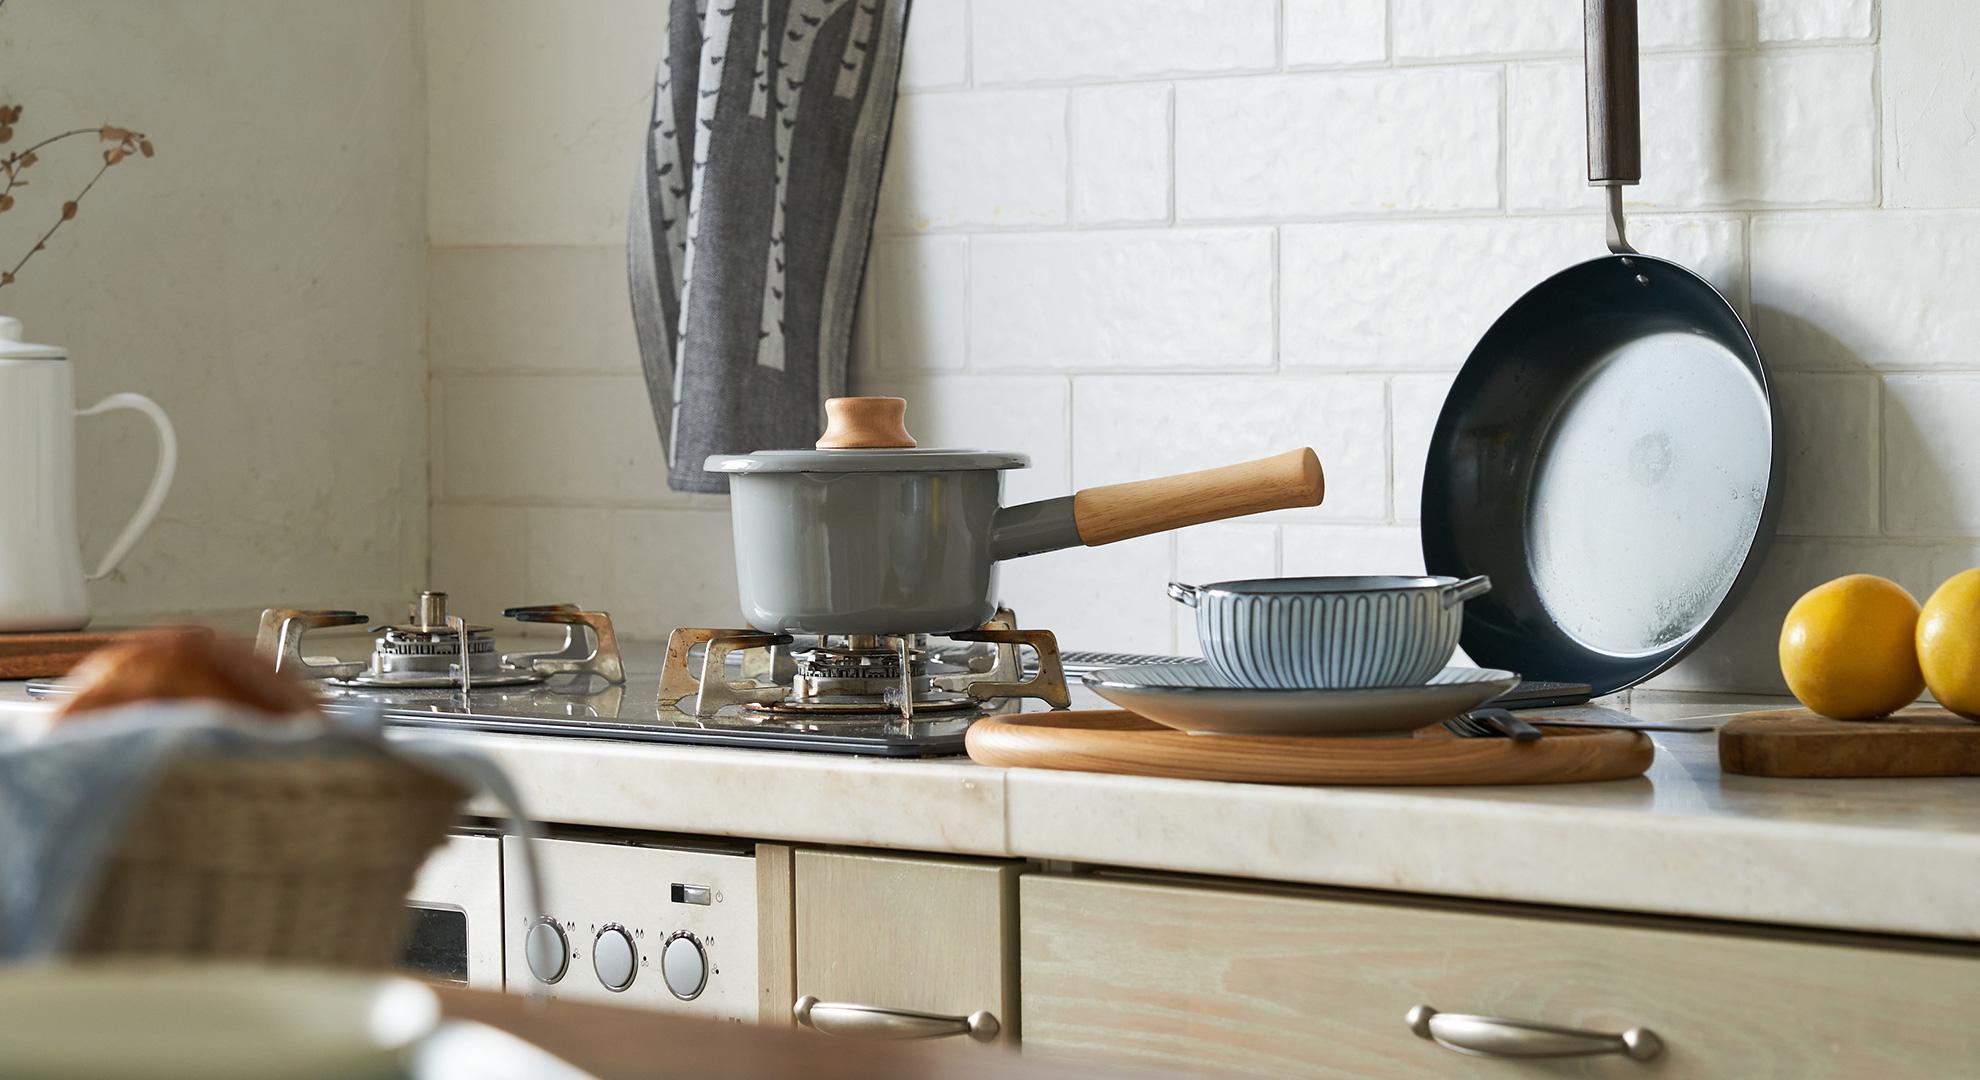 HOME ITEM SELECTION 今よりもっと快適な良い暮らしを目指して、キッチン&生活雑貨をセレクト!充実したお家時間を★